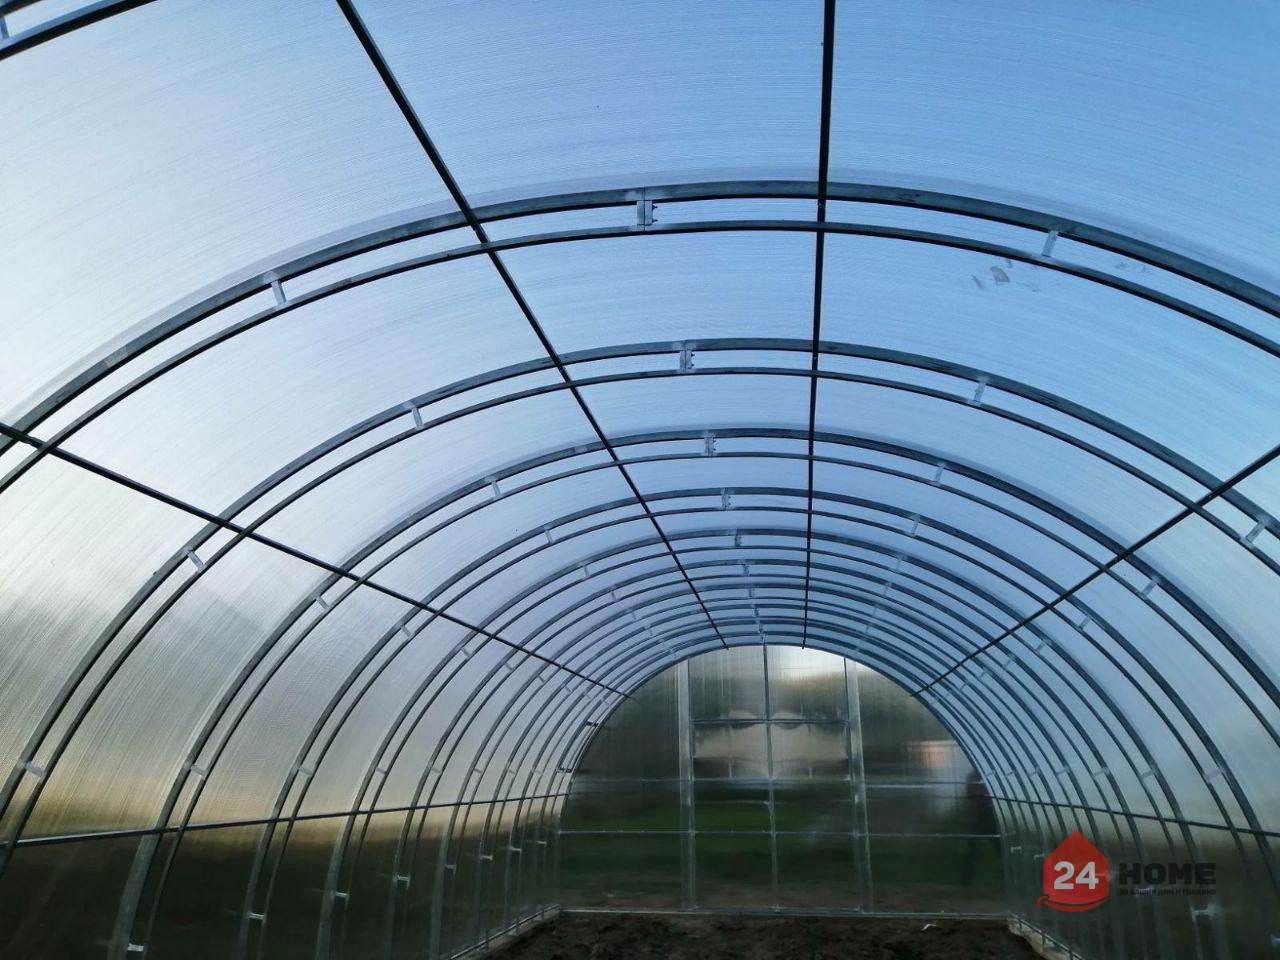 Оранжерия-SUNNY-Mega-покритие-от-поликарбонат-стоманена-конструкция-5x4-м-отвътре-дъги